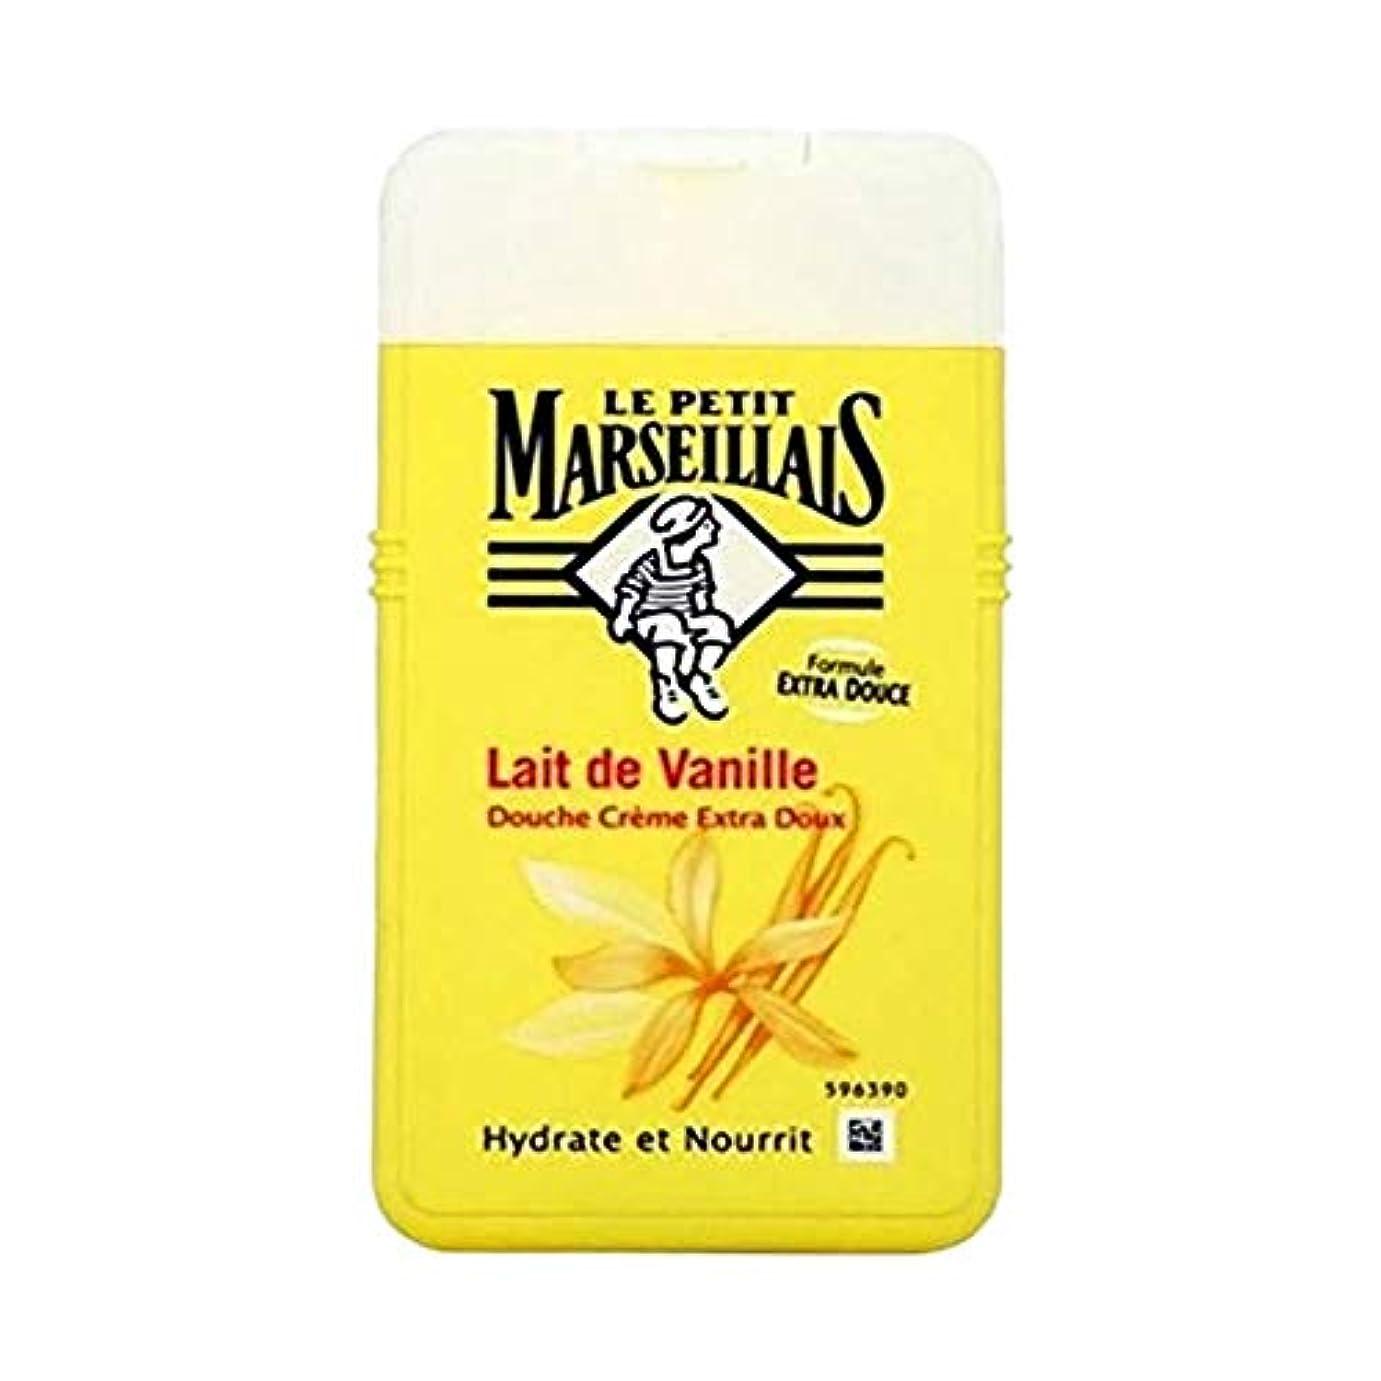 博覧会マークされたバックアップ「バニラミルク」 シャワークリーム フランスの「ル?プティ?マルセイユ (Le Petit Marseillais)」 250ml ボディウォッシュ